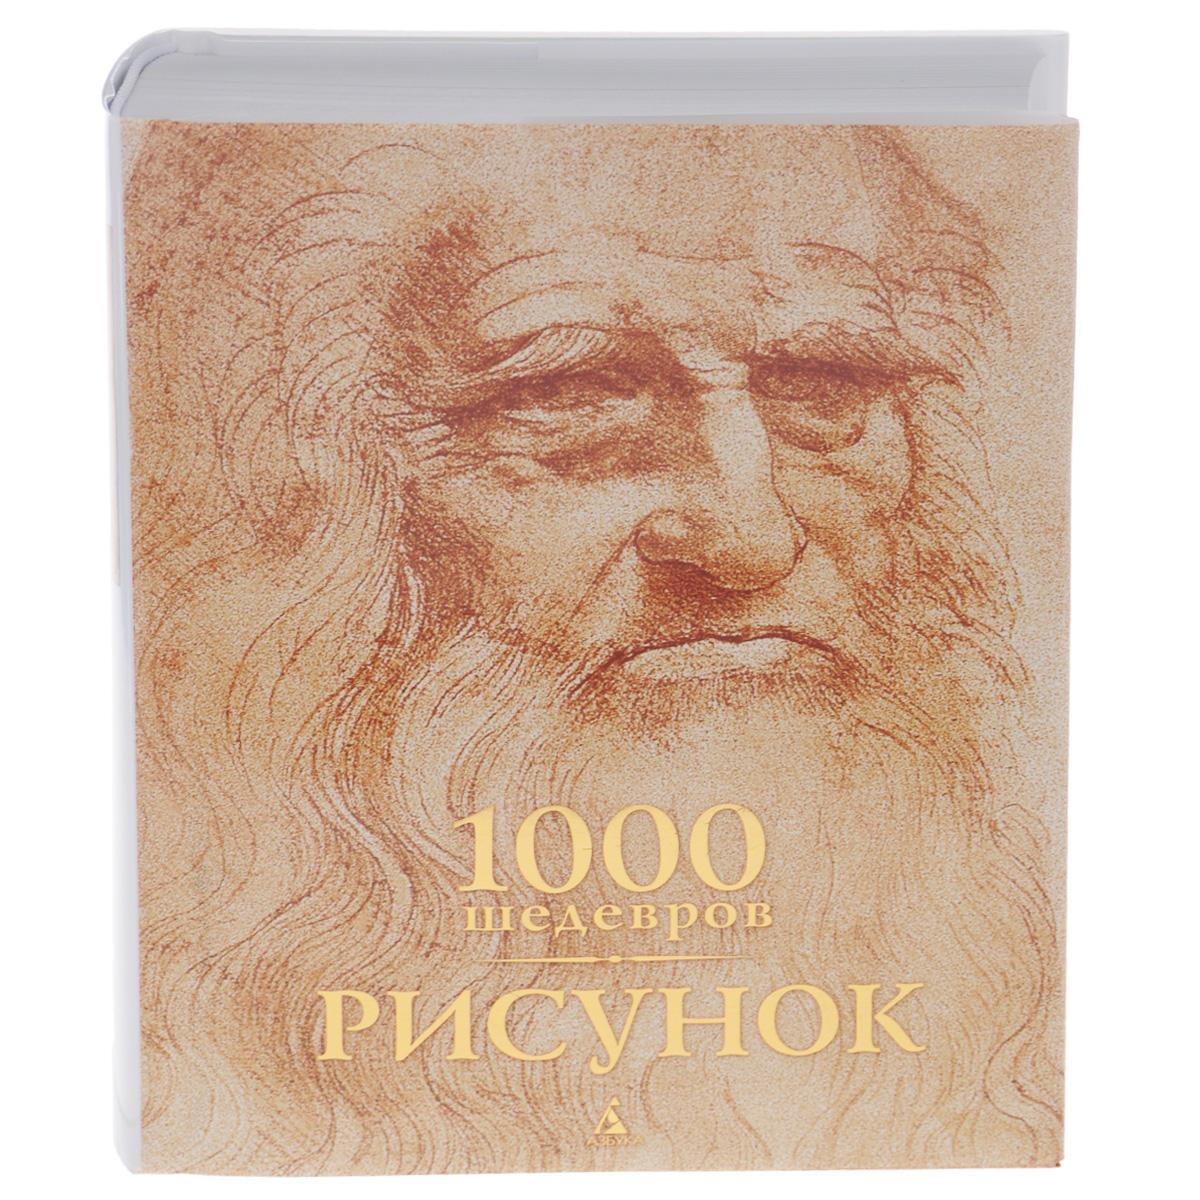 Виктория Чарльз, Клаус Х. Карл 1000 шедевров. Рисунок